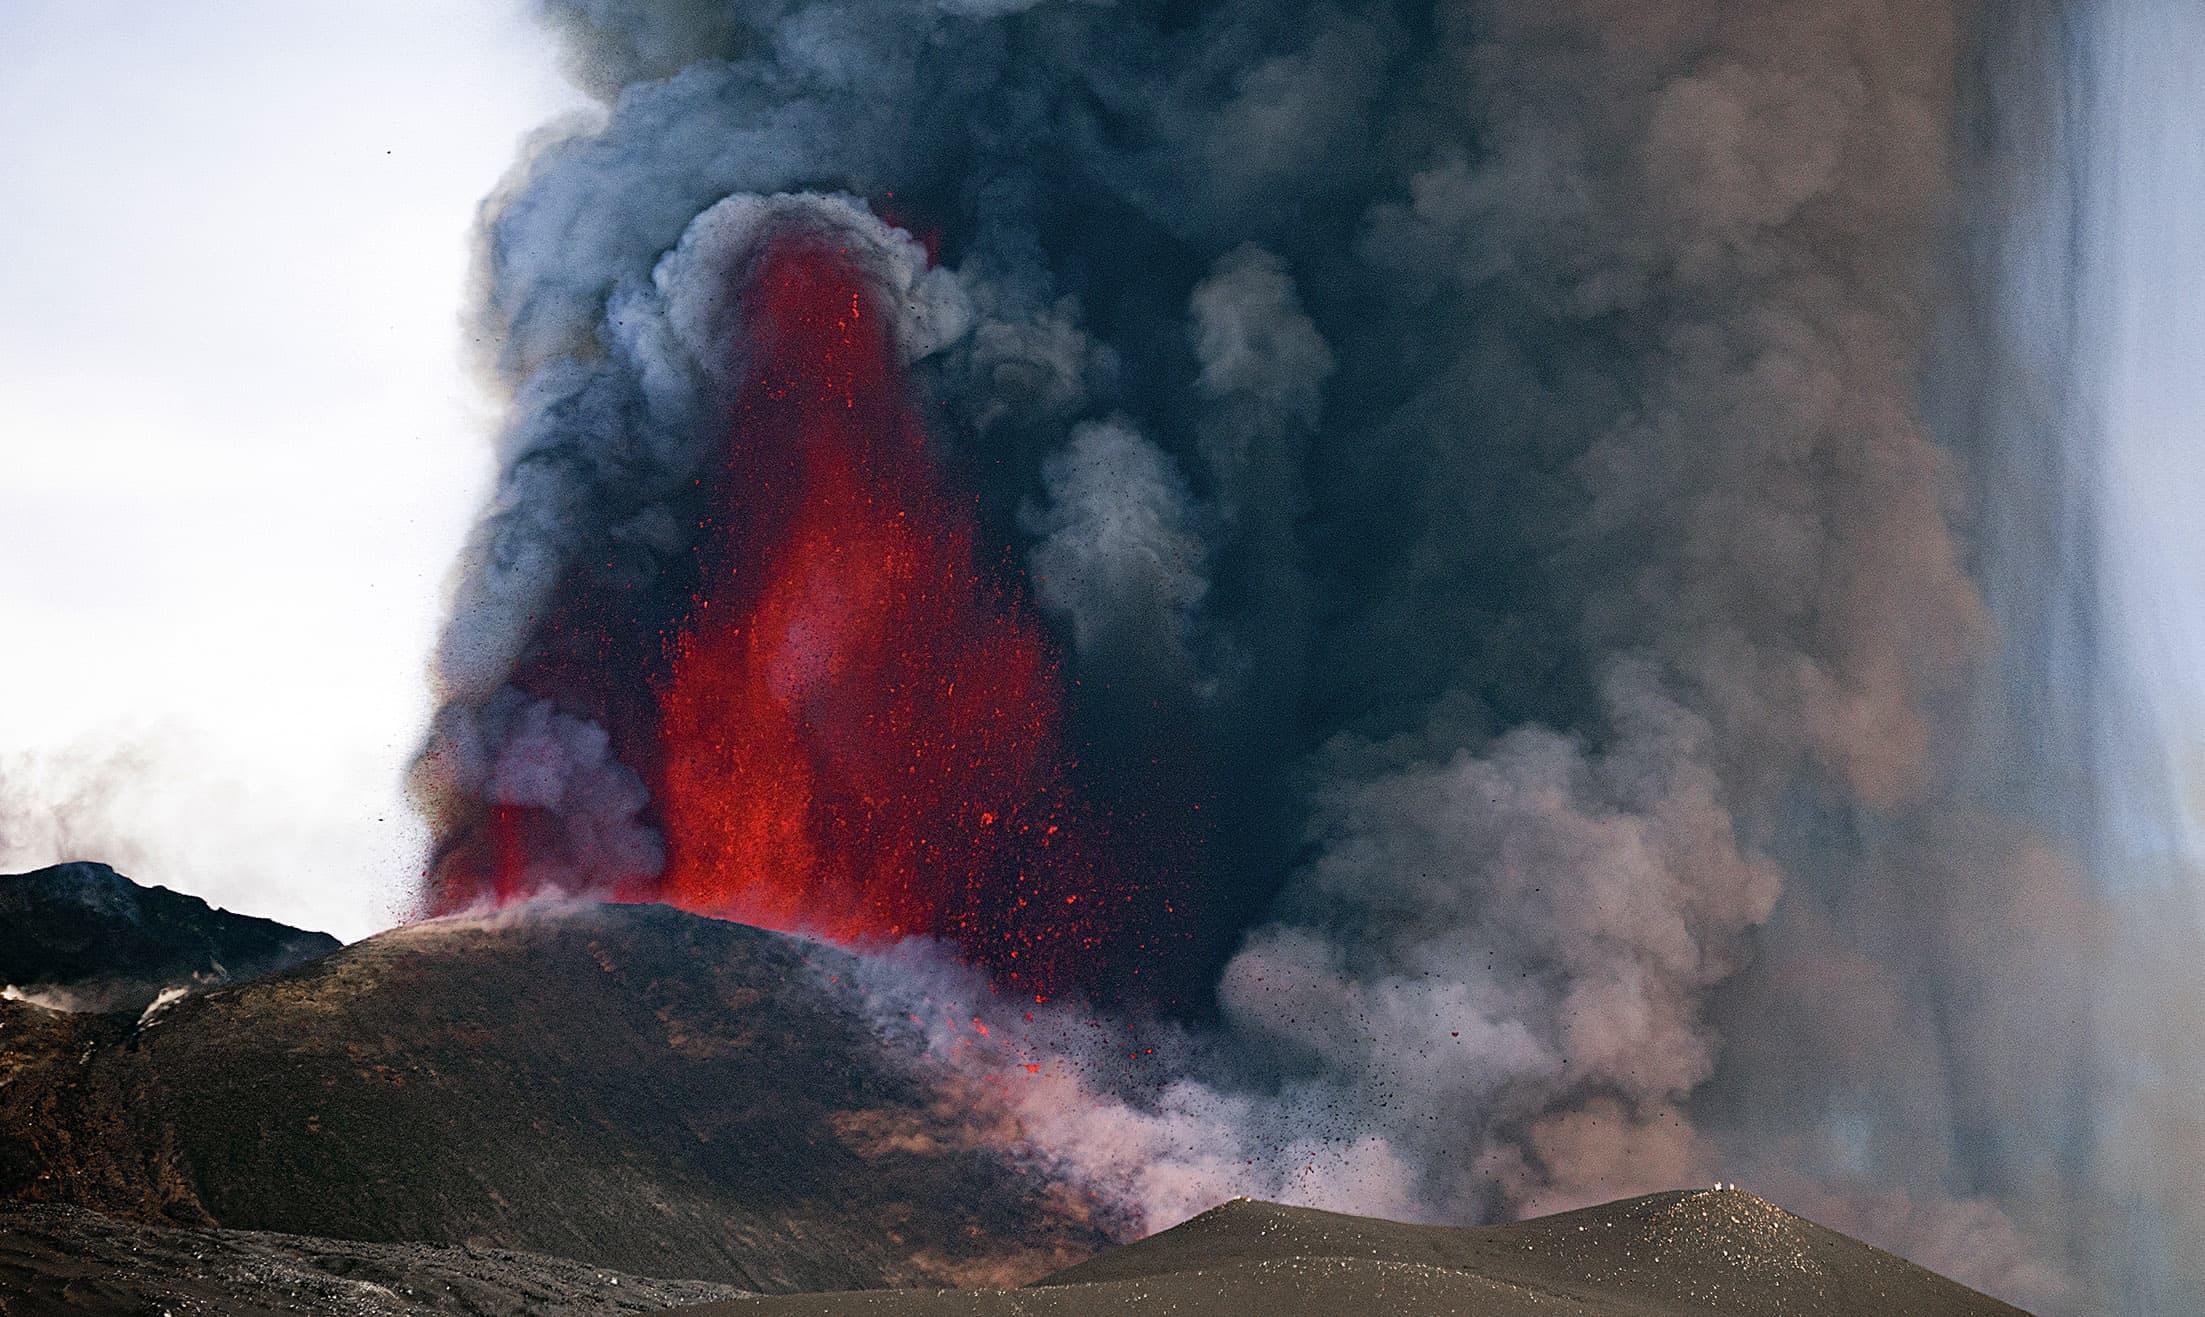 Erupció del volcà Etna, a Sicília, el 12 de març. Fotografia de Marco Restivo. Barcroft Media. Getty Images.